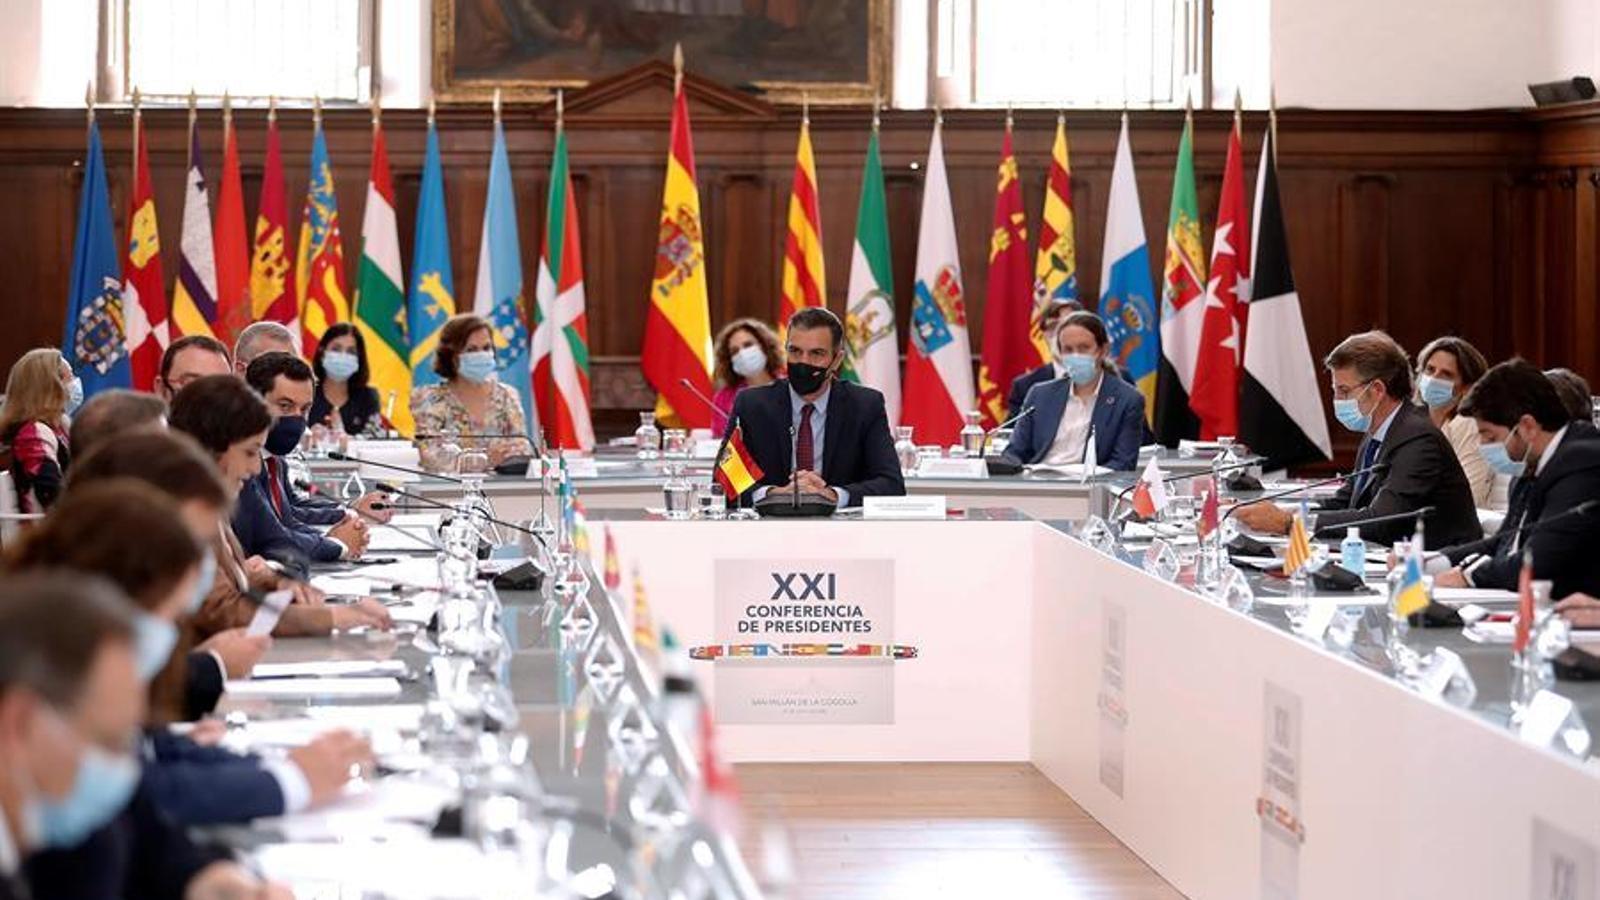 El president del govern espanyol, Pedro Sánchez, encapçalant la conferència de presidents autonòmics